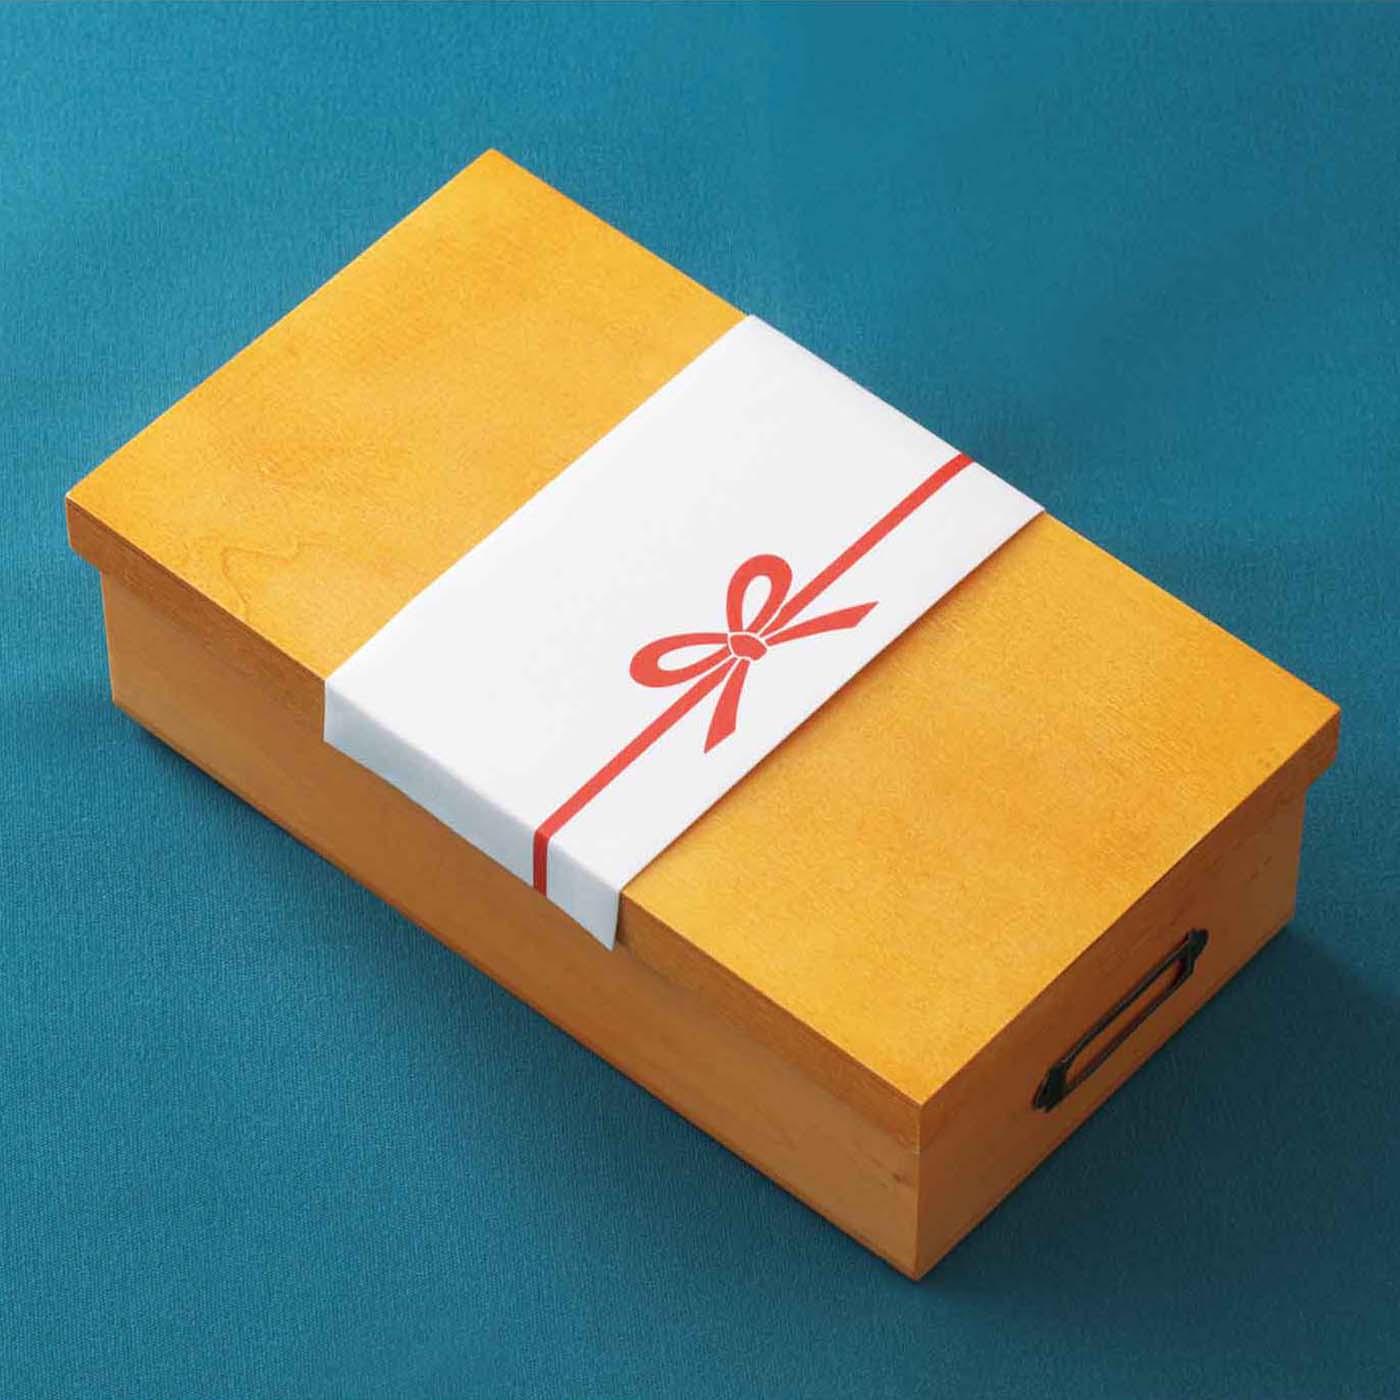 「分類仕切りボックス専用ふた」をセットして、プレゼントにしても。